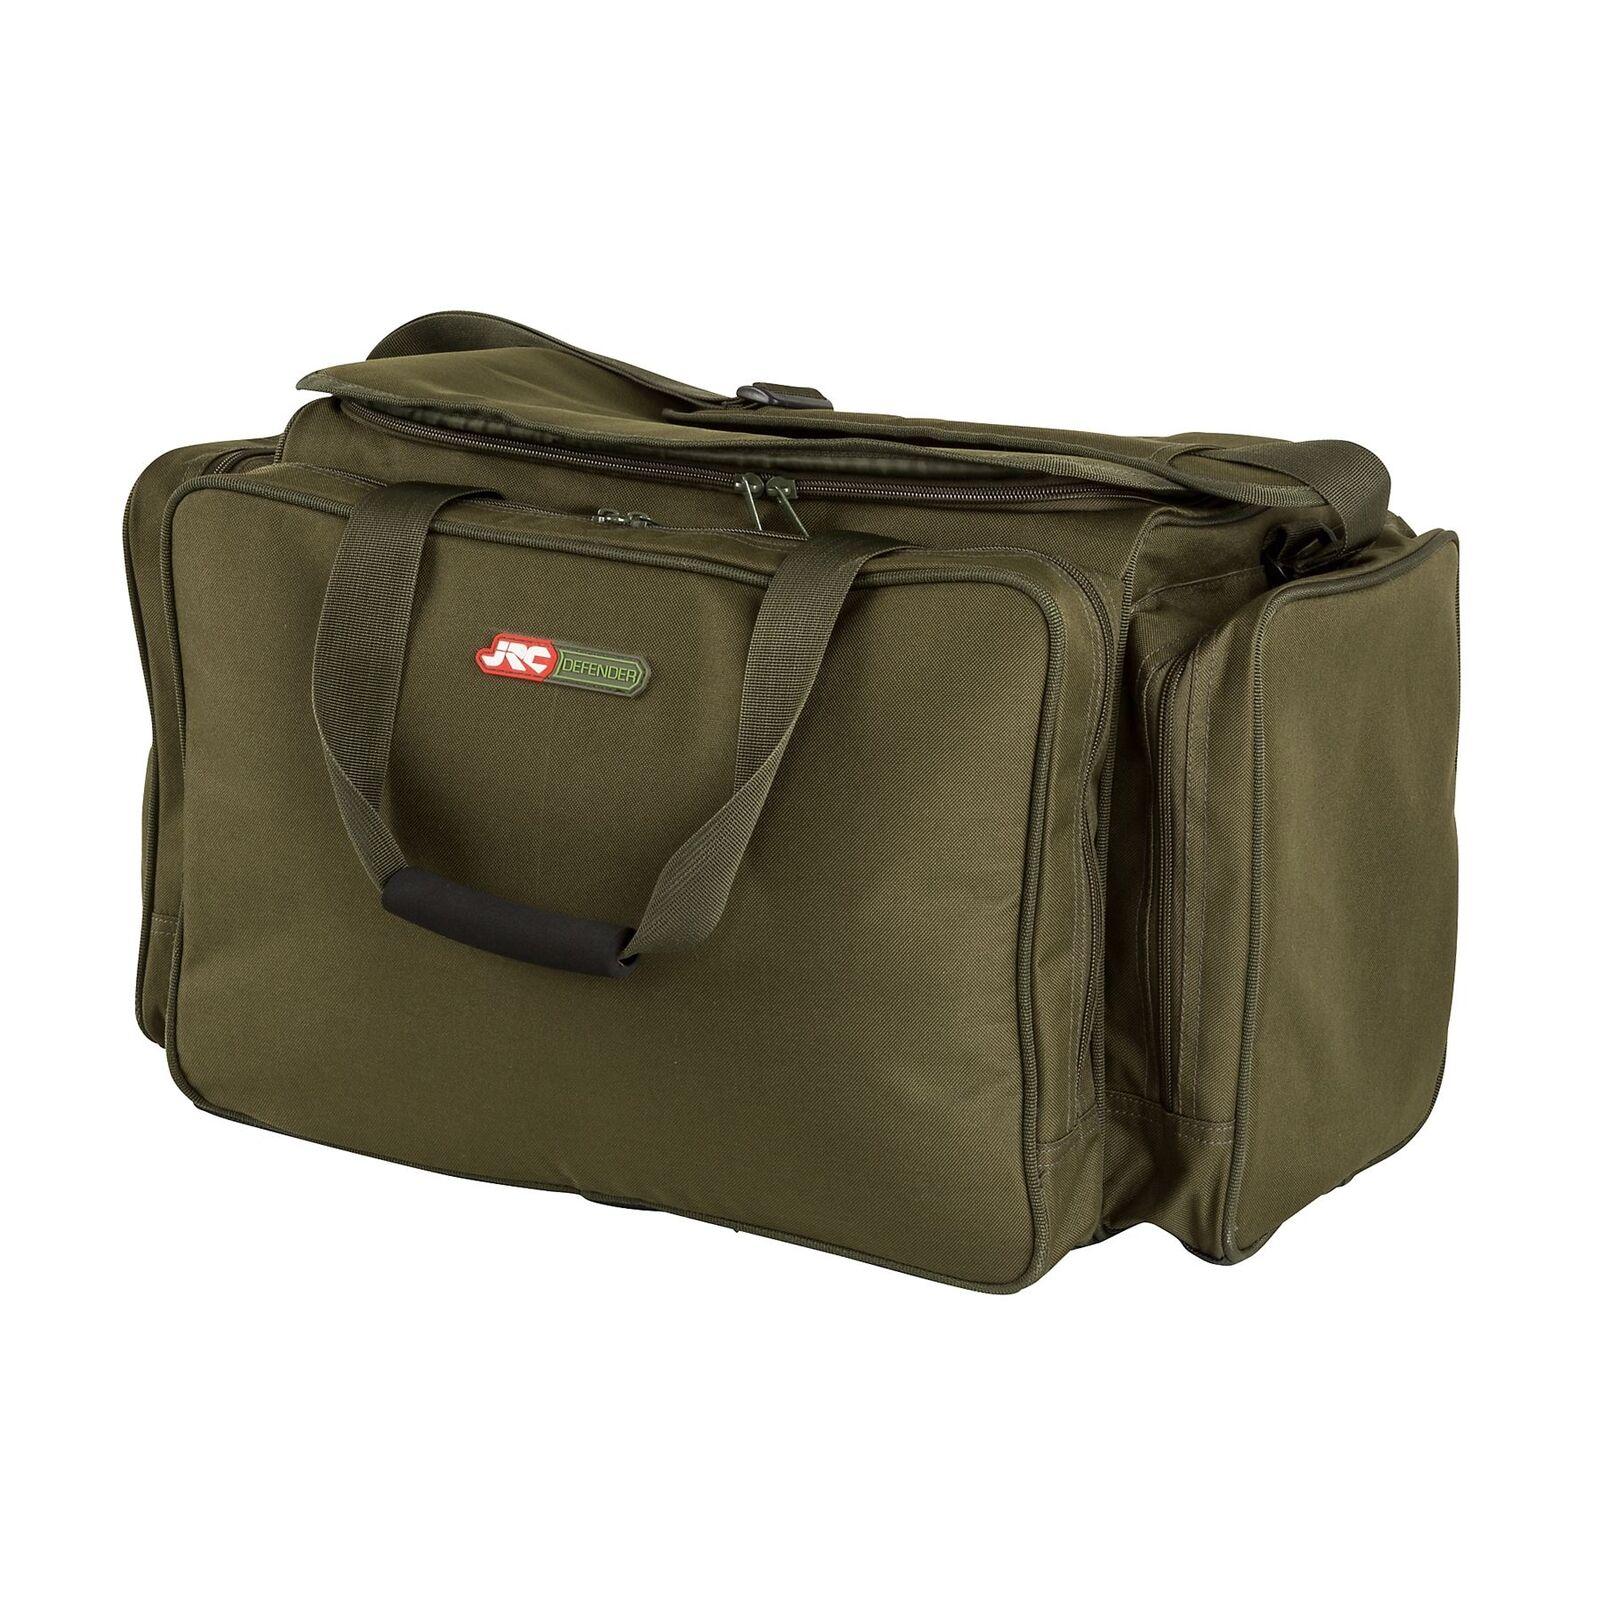 Jrc Defensor Grande Carry All